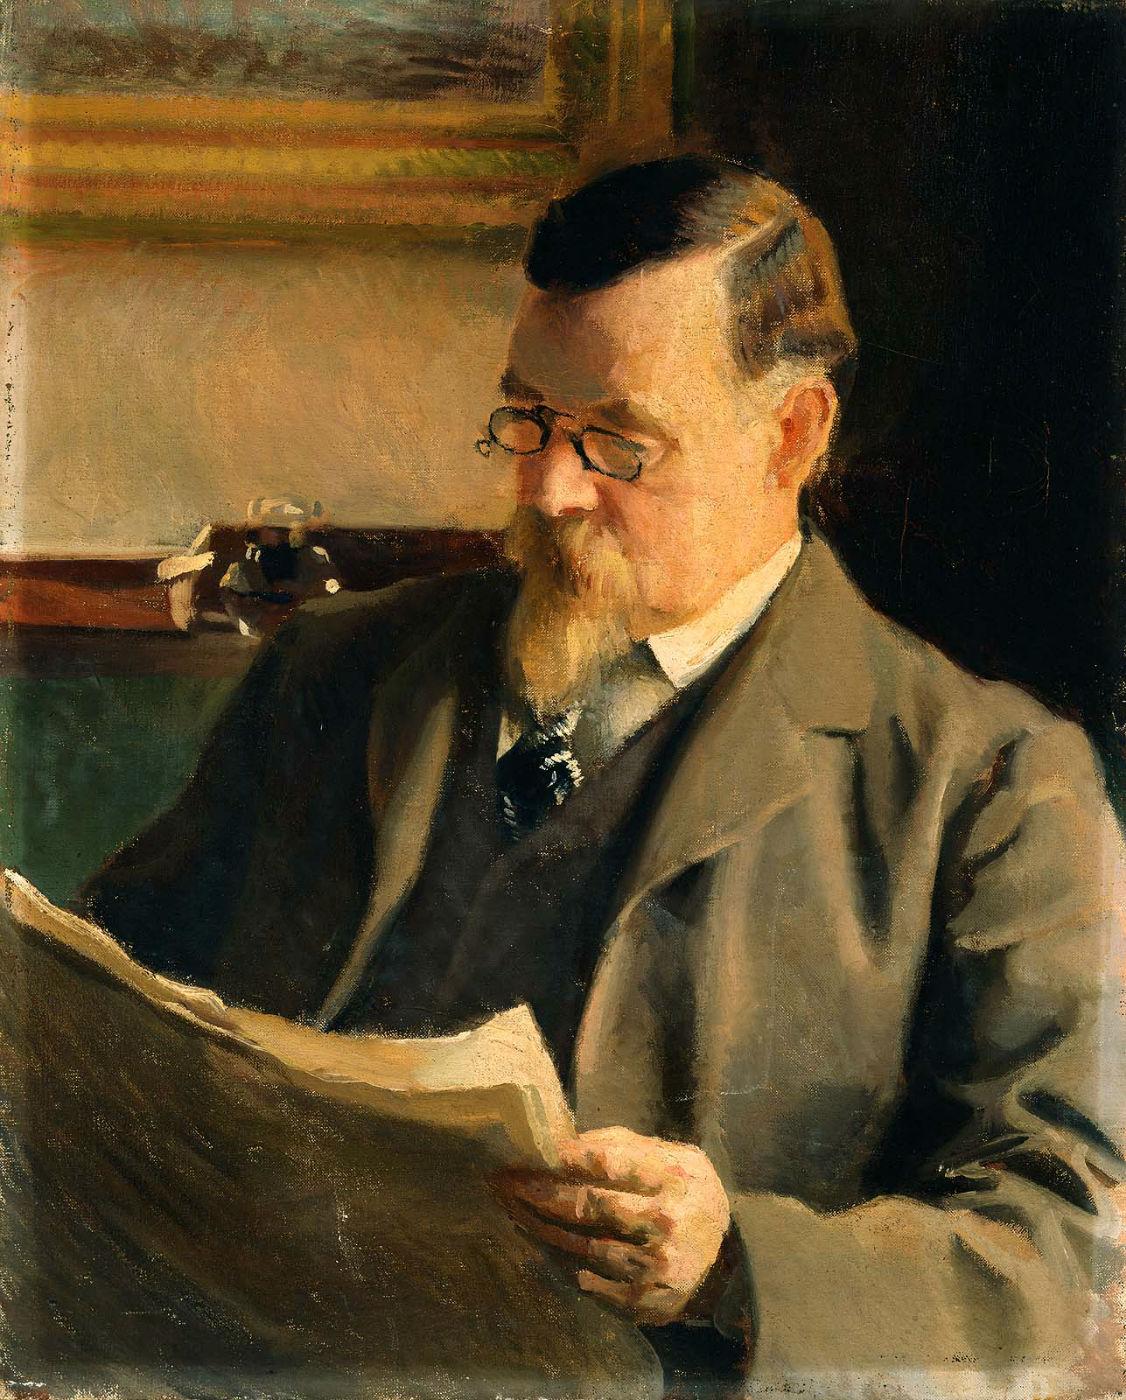 Уильям МакГрегор Пакстон - Портрет отца художника (Джеймса Пакстона), 1902